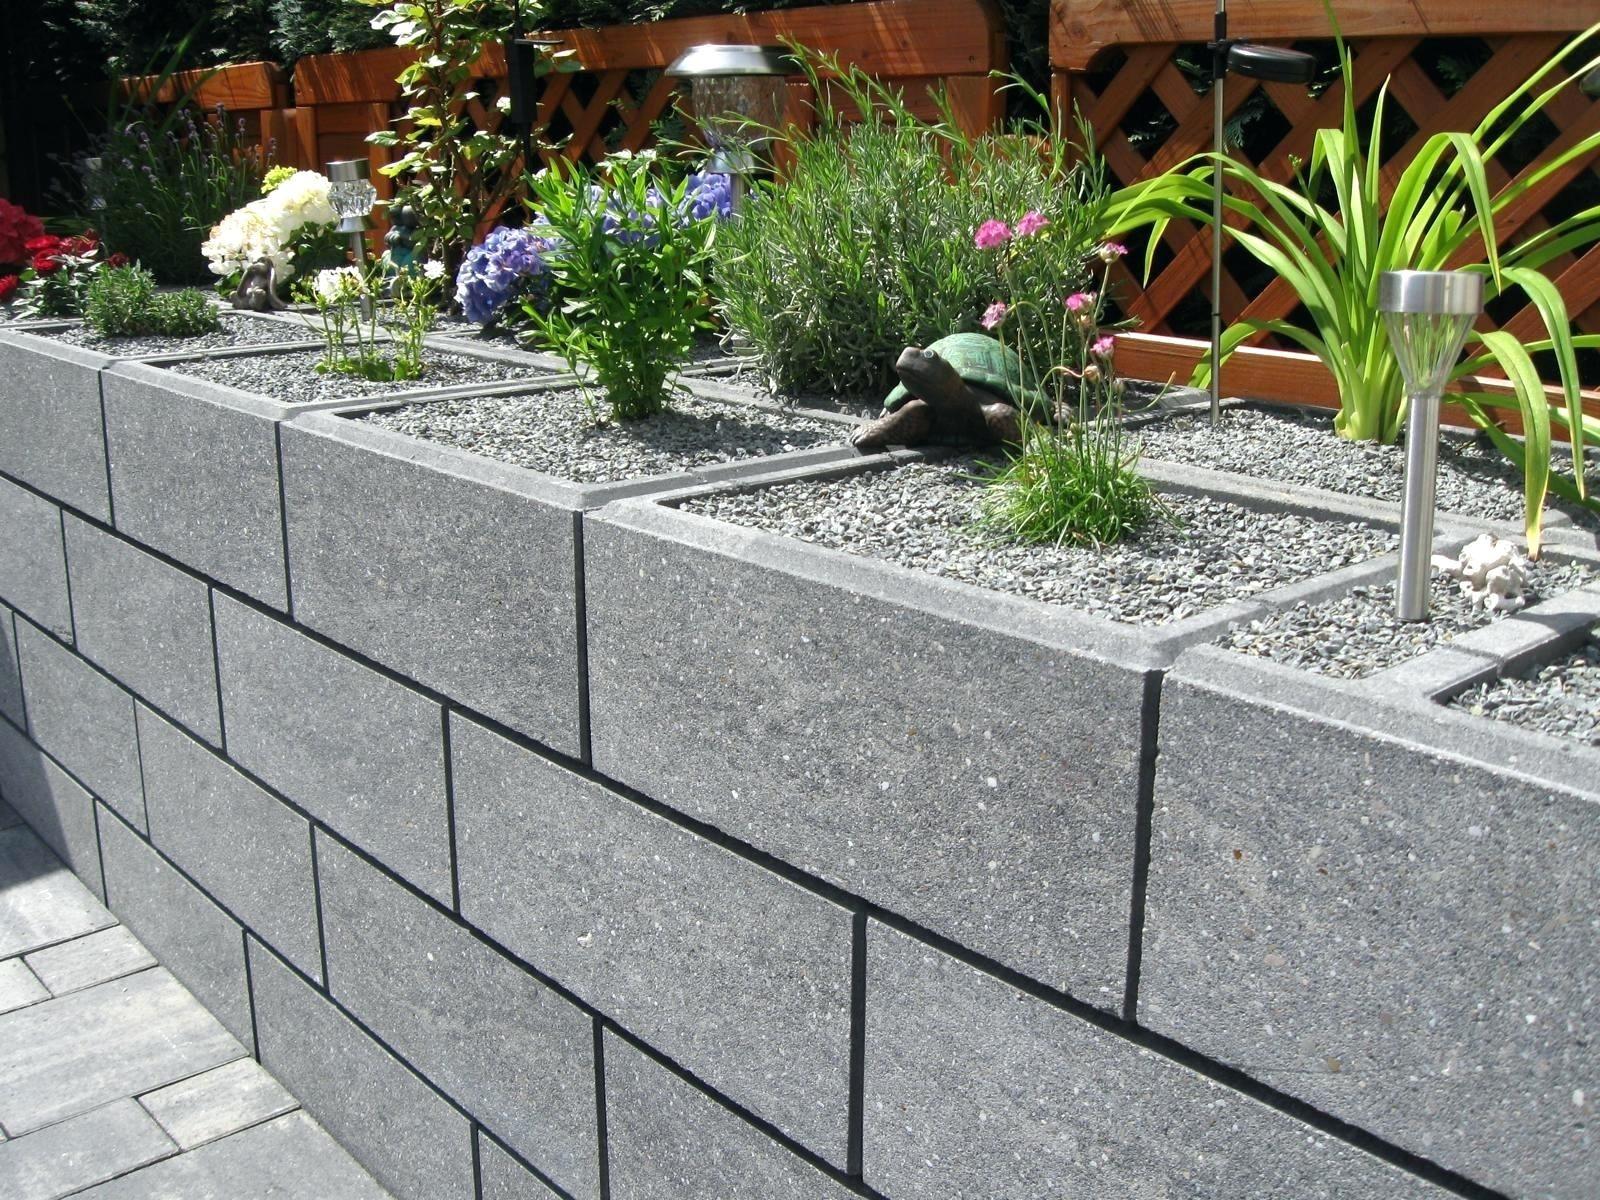 mauersteine kleben tosa mauern produkte terrassenplatten pflastersteine gartenmauer stufen